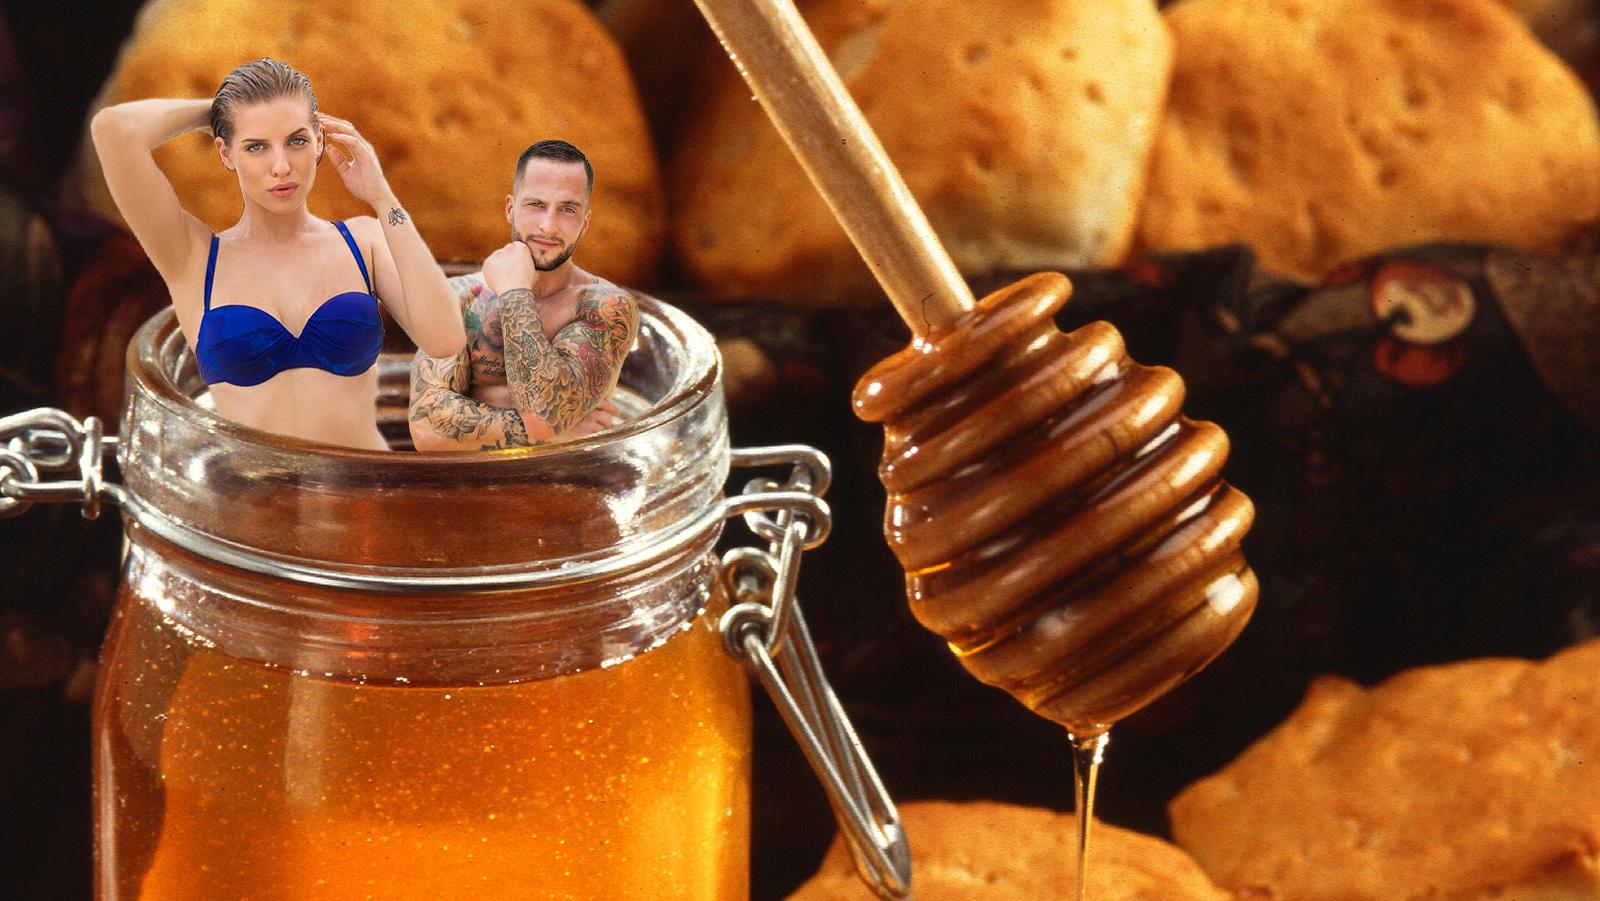 <b>Exek Norbi és Dia</b> élvezik a félbeszakadt párkapcsolatukat, egyelőre minden édes, mint a méz. (Getty Images / VIASAT3)